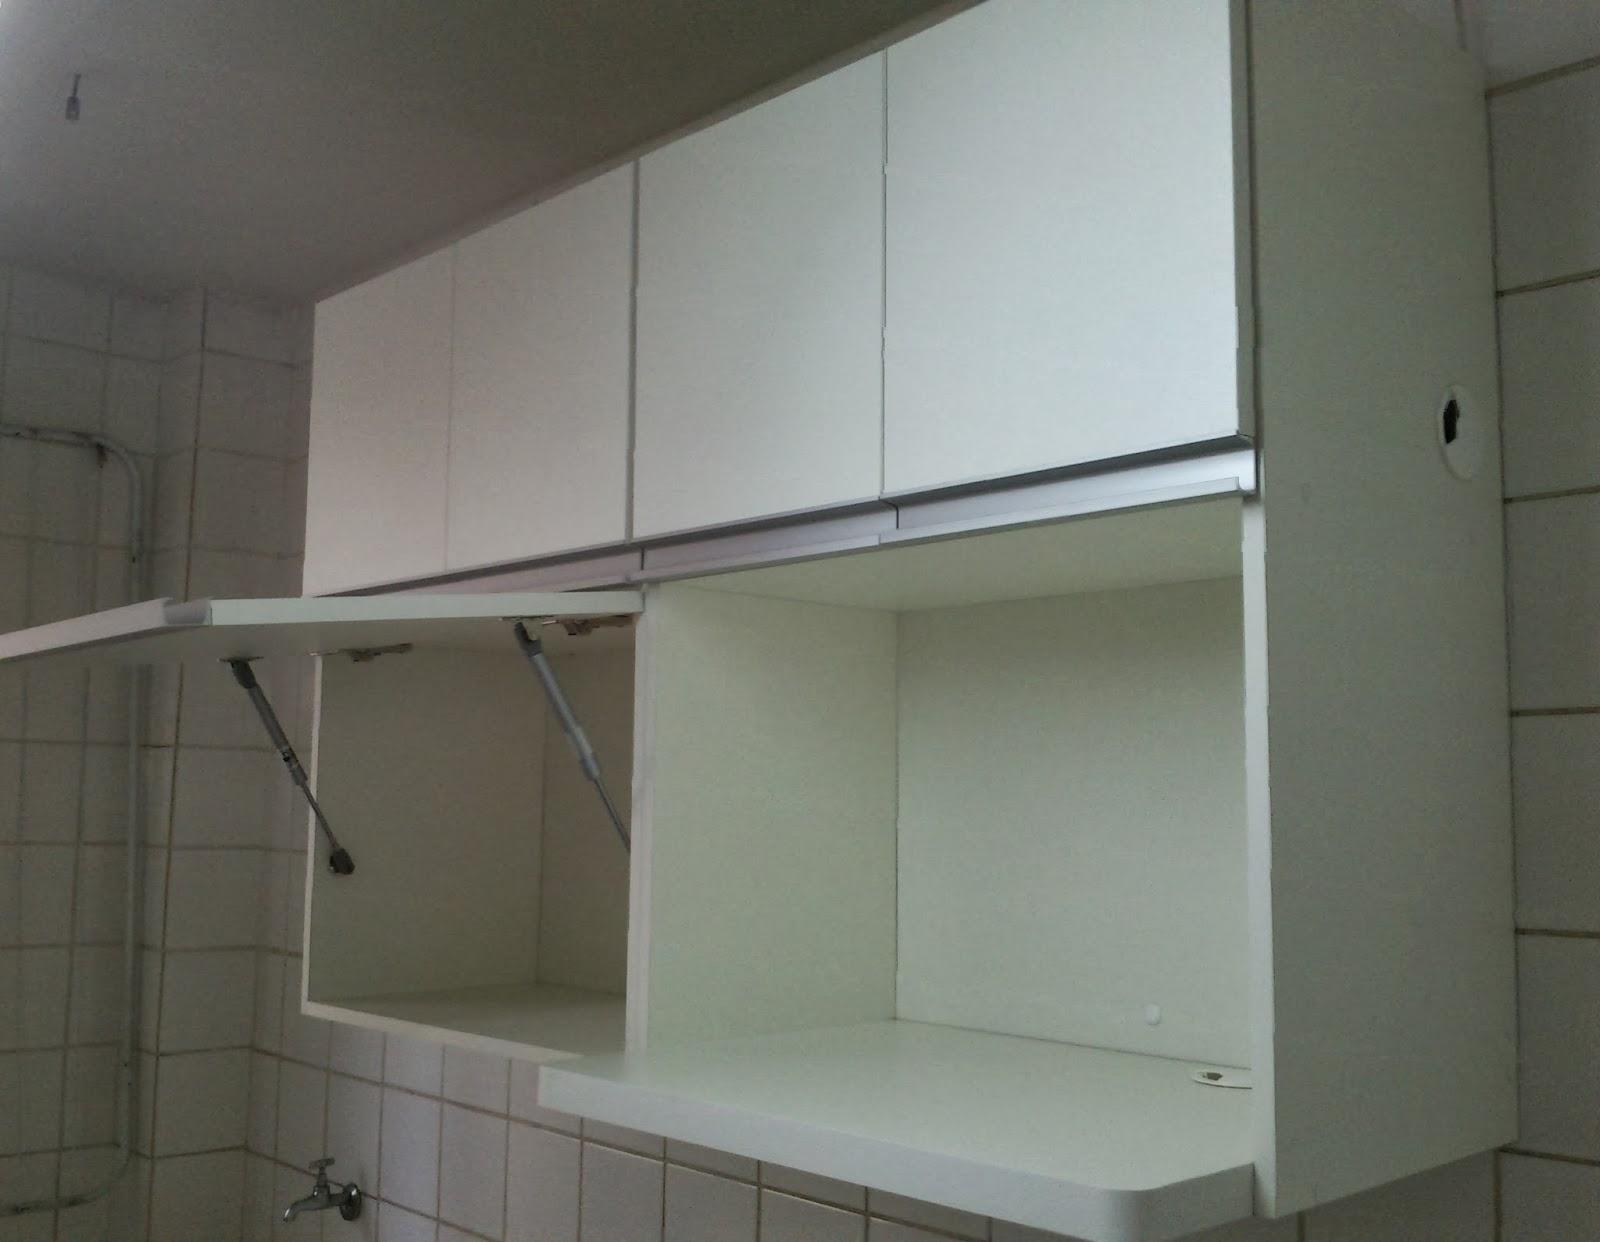 de Cozinha (Padrão Branco) Portas em 18mm Puxadores em Perfil de  #5B6D70 1600 1242